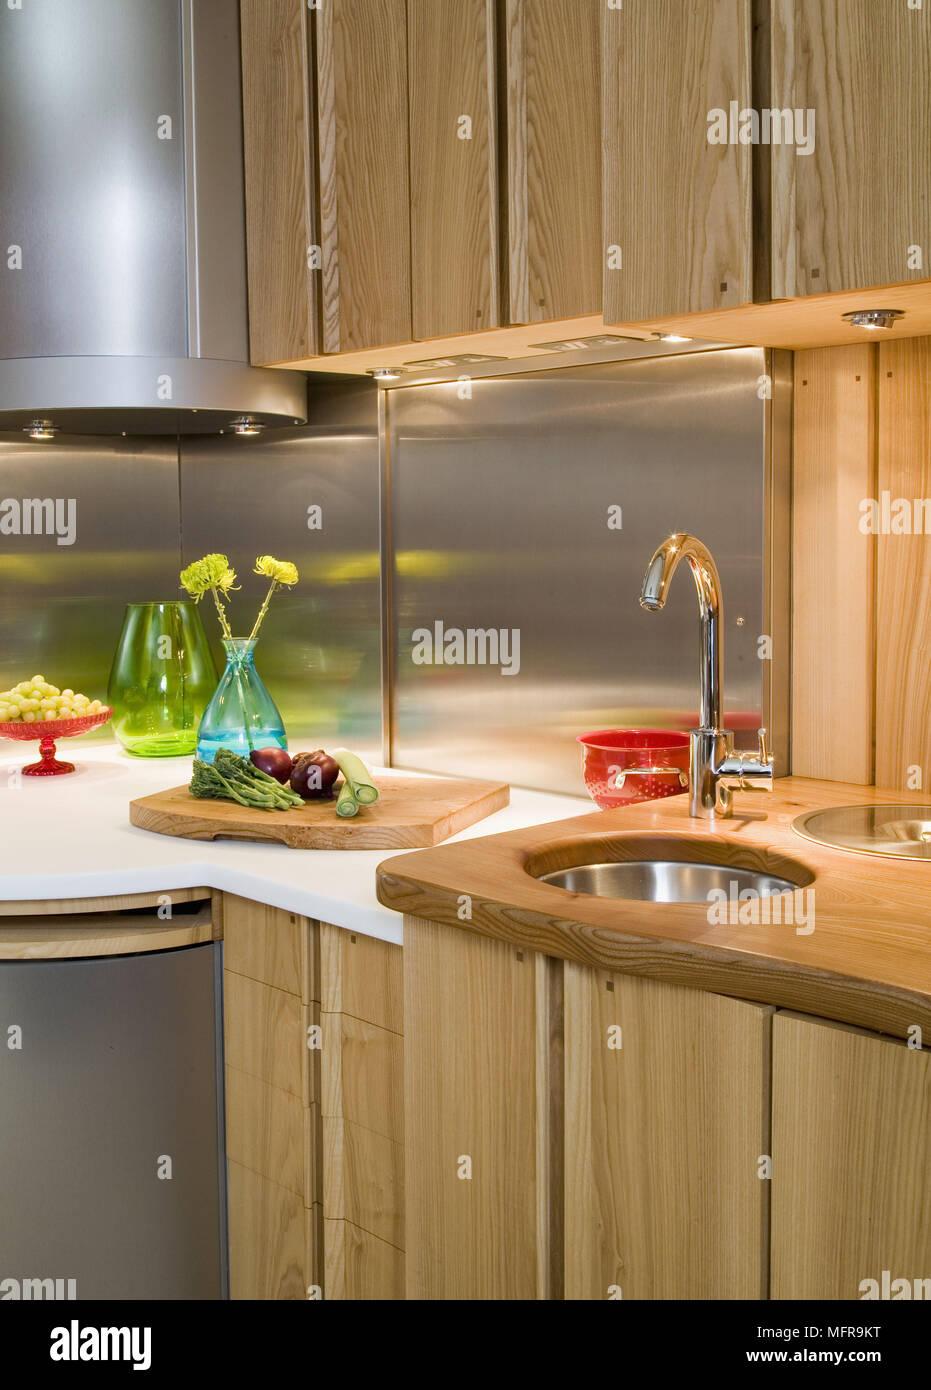 Ecke Der Modernen Kuche Mit Spule Und Holz Einheiten Gesetzt Stockfotografie Alamy